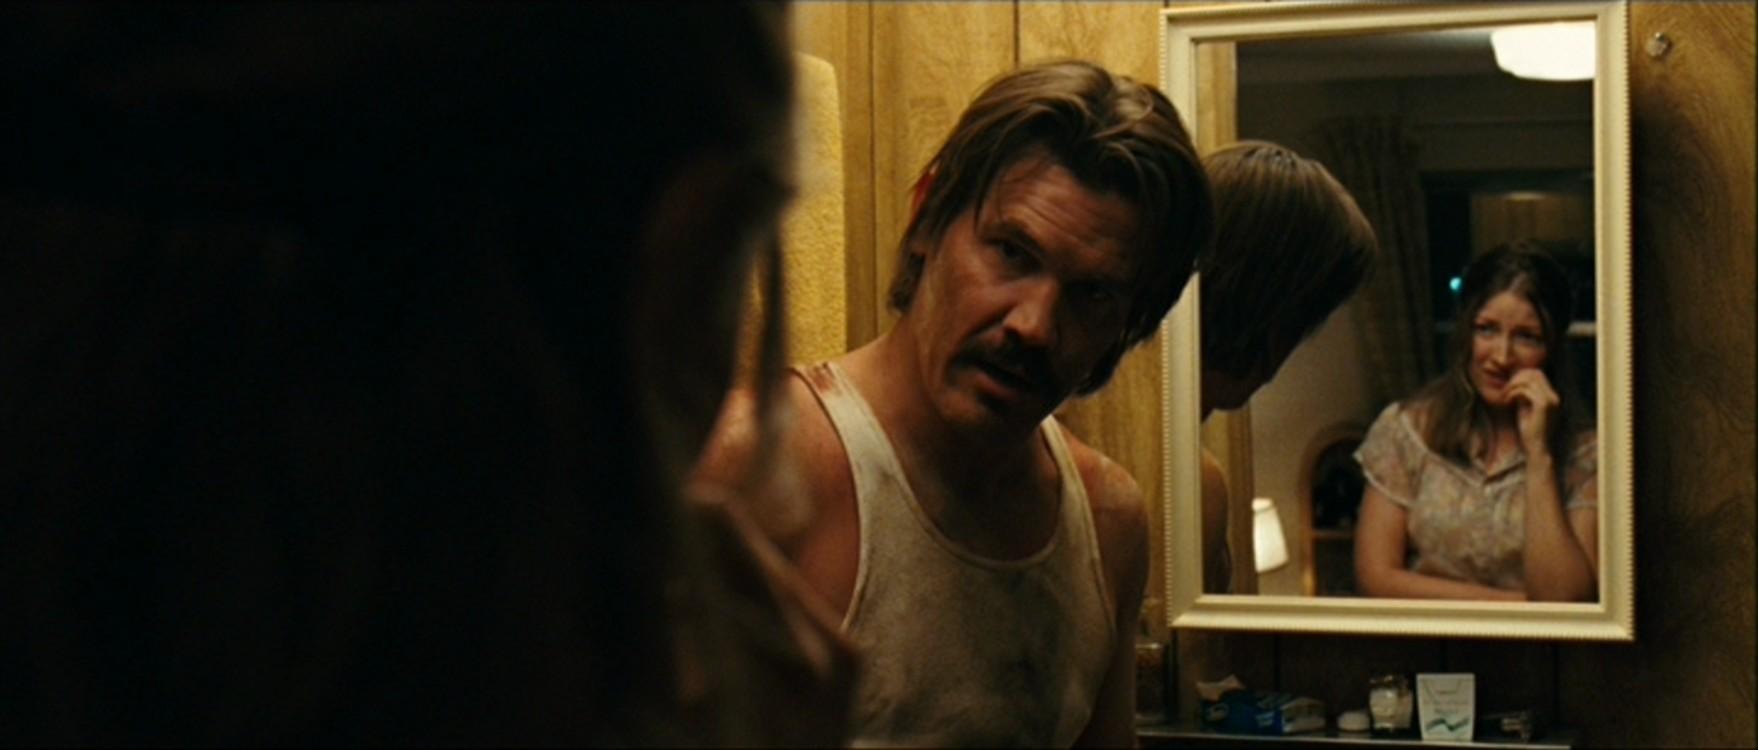 Джош Бролін у фільмі «Старим тут не місце», 2007